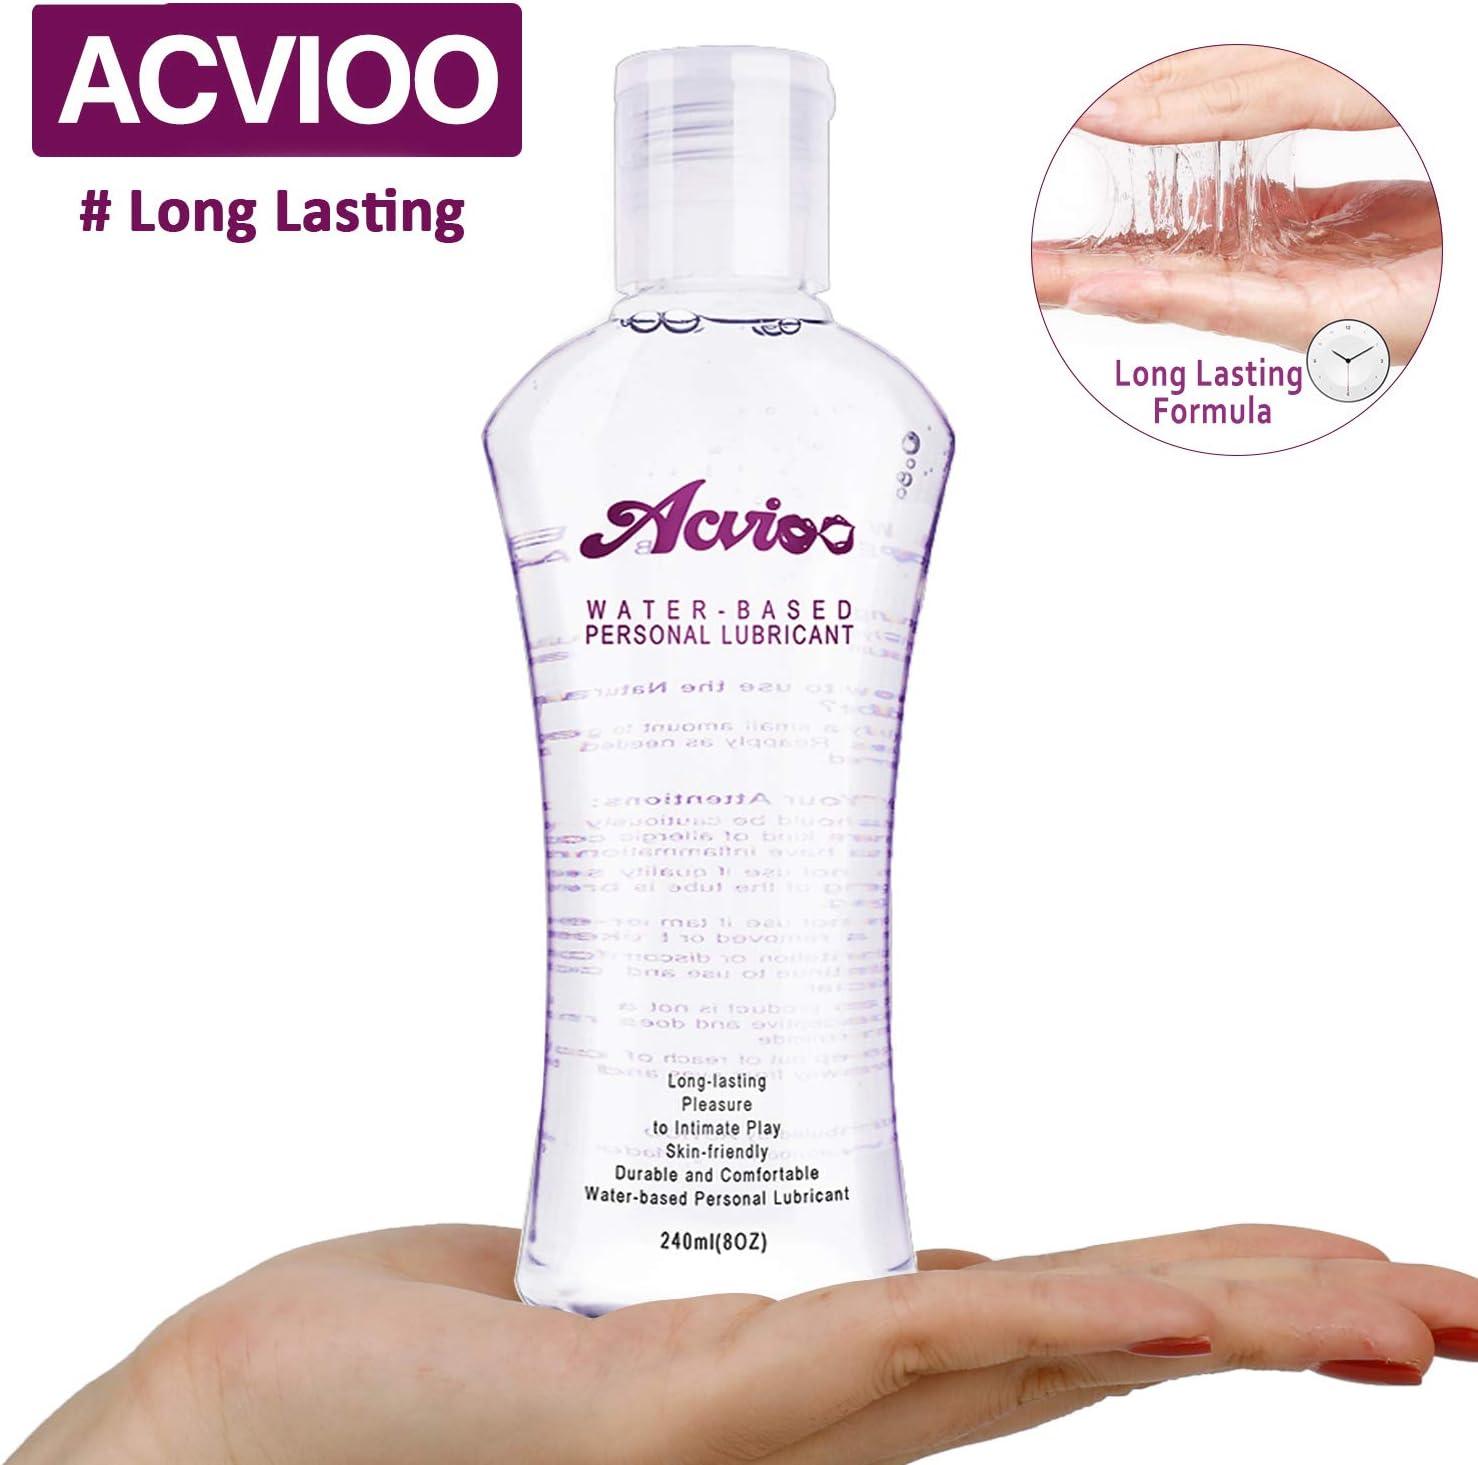 ACVIOO Gel Lubricante Anal Íntimo a Base de Agua Lubricantes Sexuales Natural a Larga Duración Sin Paraben Fragancia - 240ml